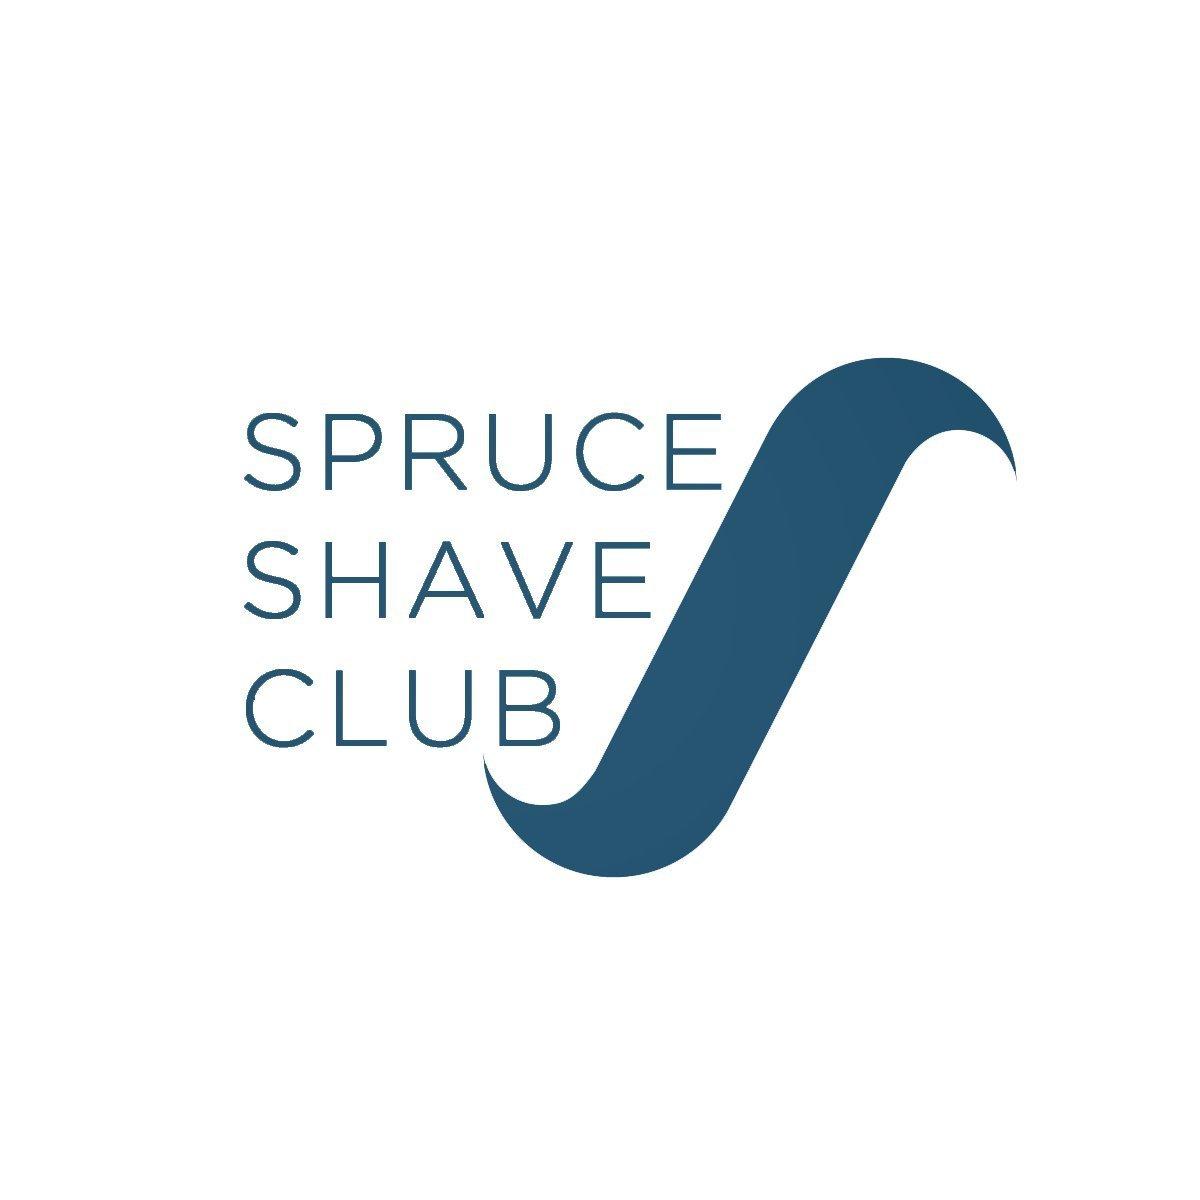 SpruceShaveClub- CPV